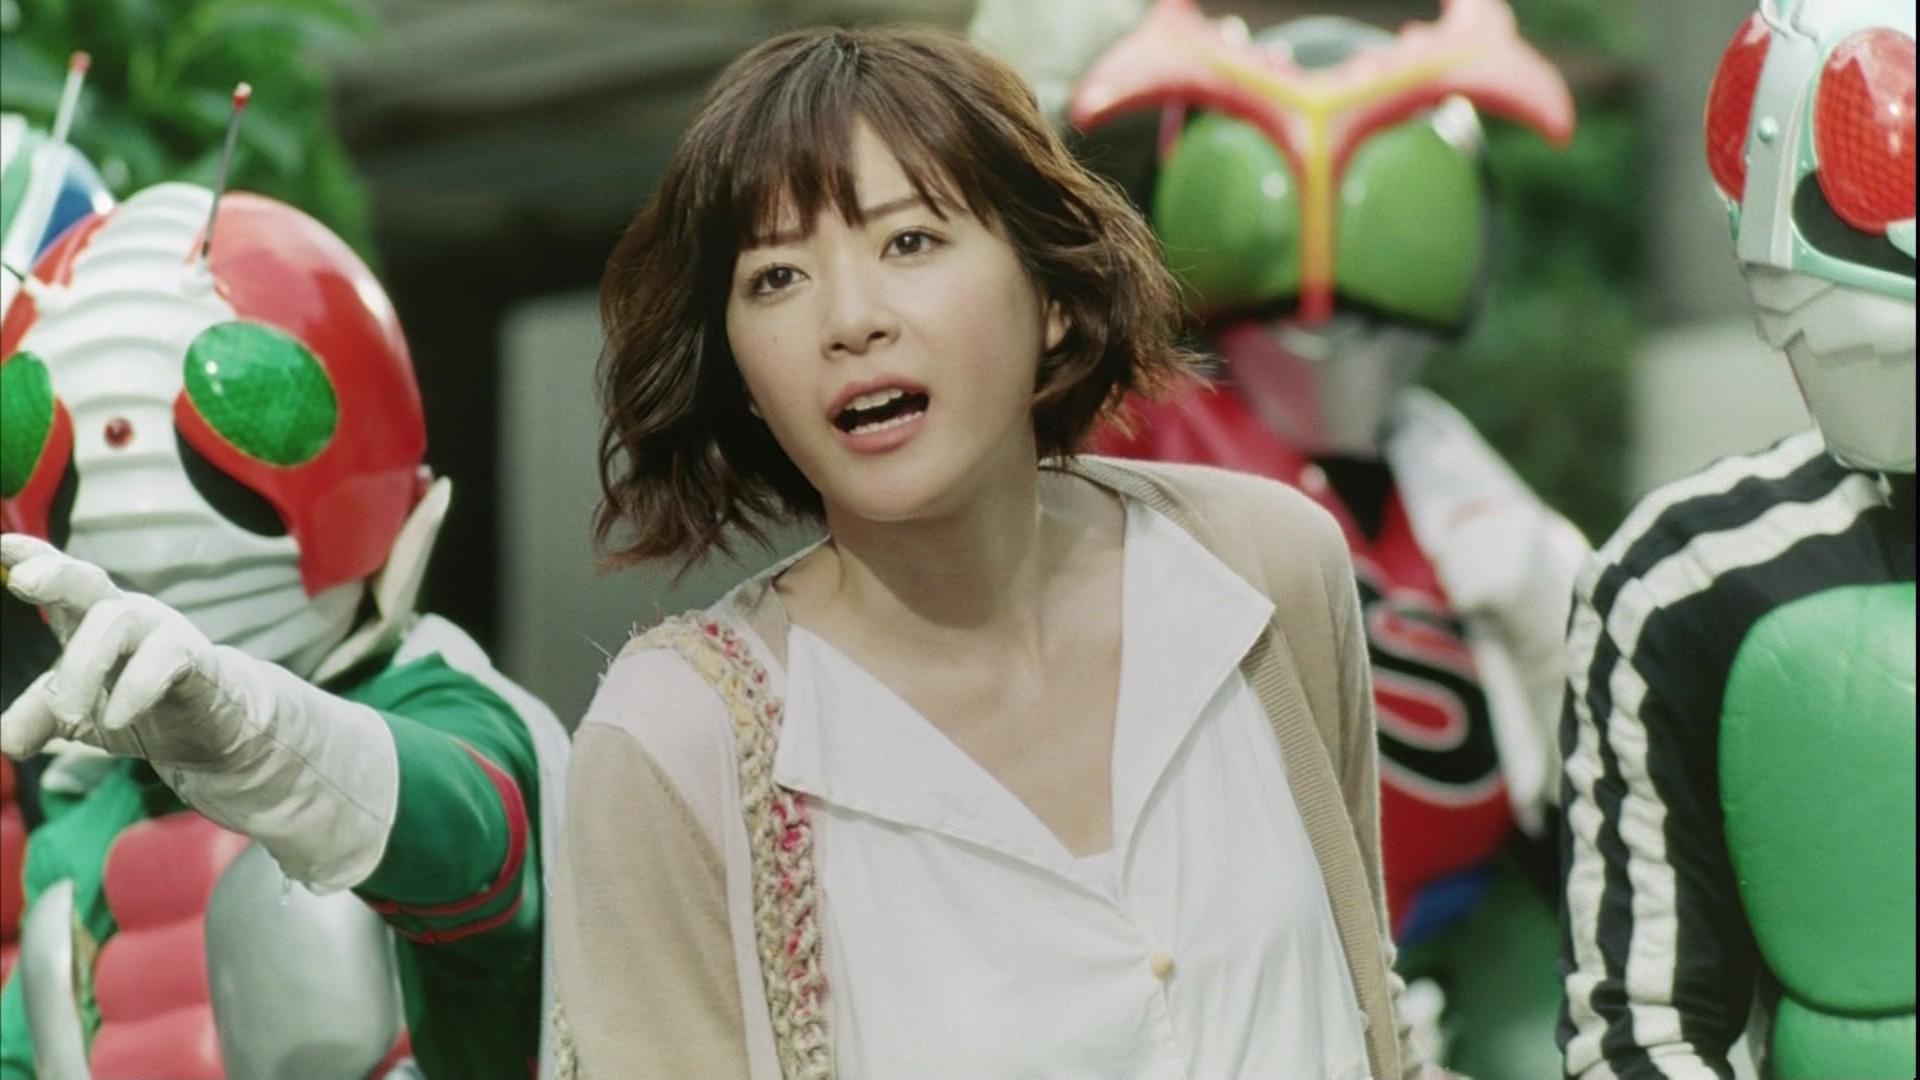 大和 ハウス cm 上野 樹里 の 相手 ダイワハウスDルーム新CM上野樹里の結婚相手役の男性俳優は誰?